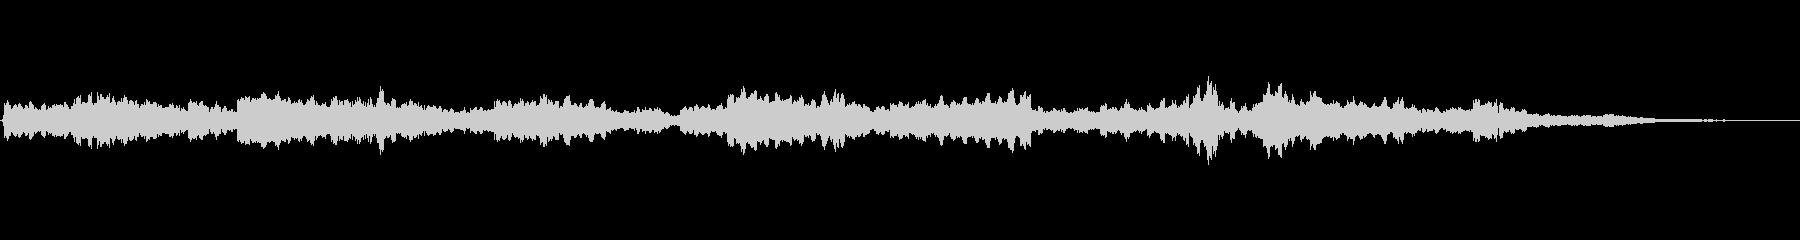 ローズをメインとした幻想的なBGMの未再生の波形